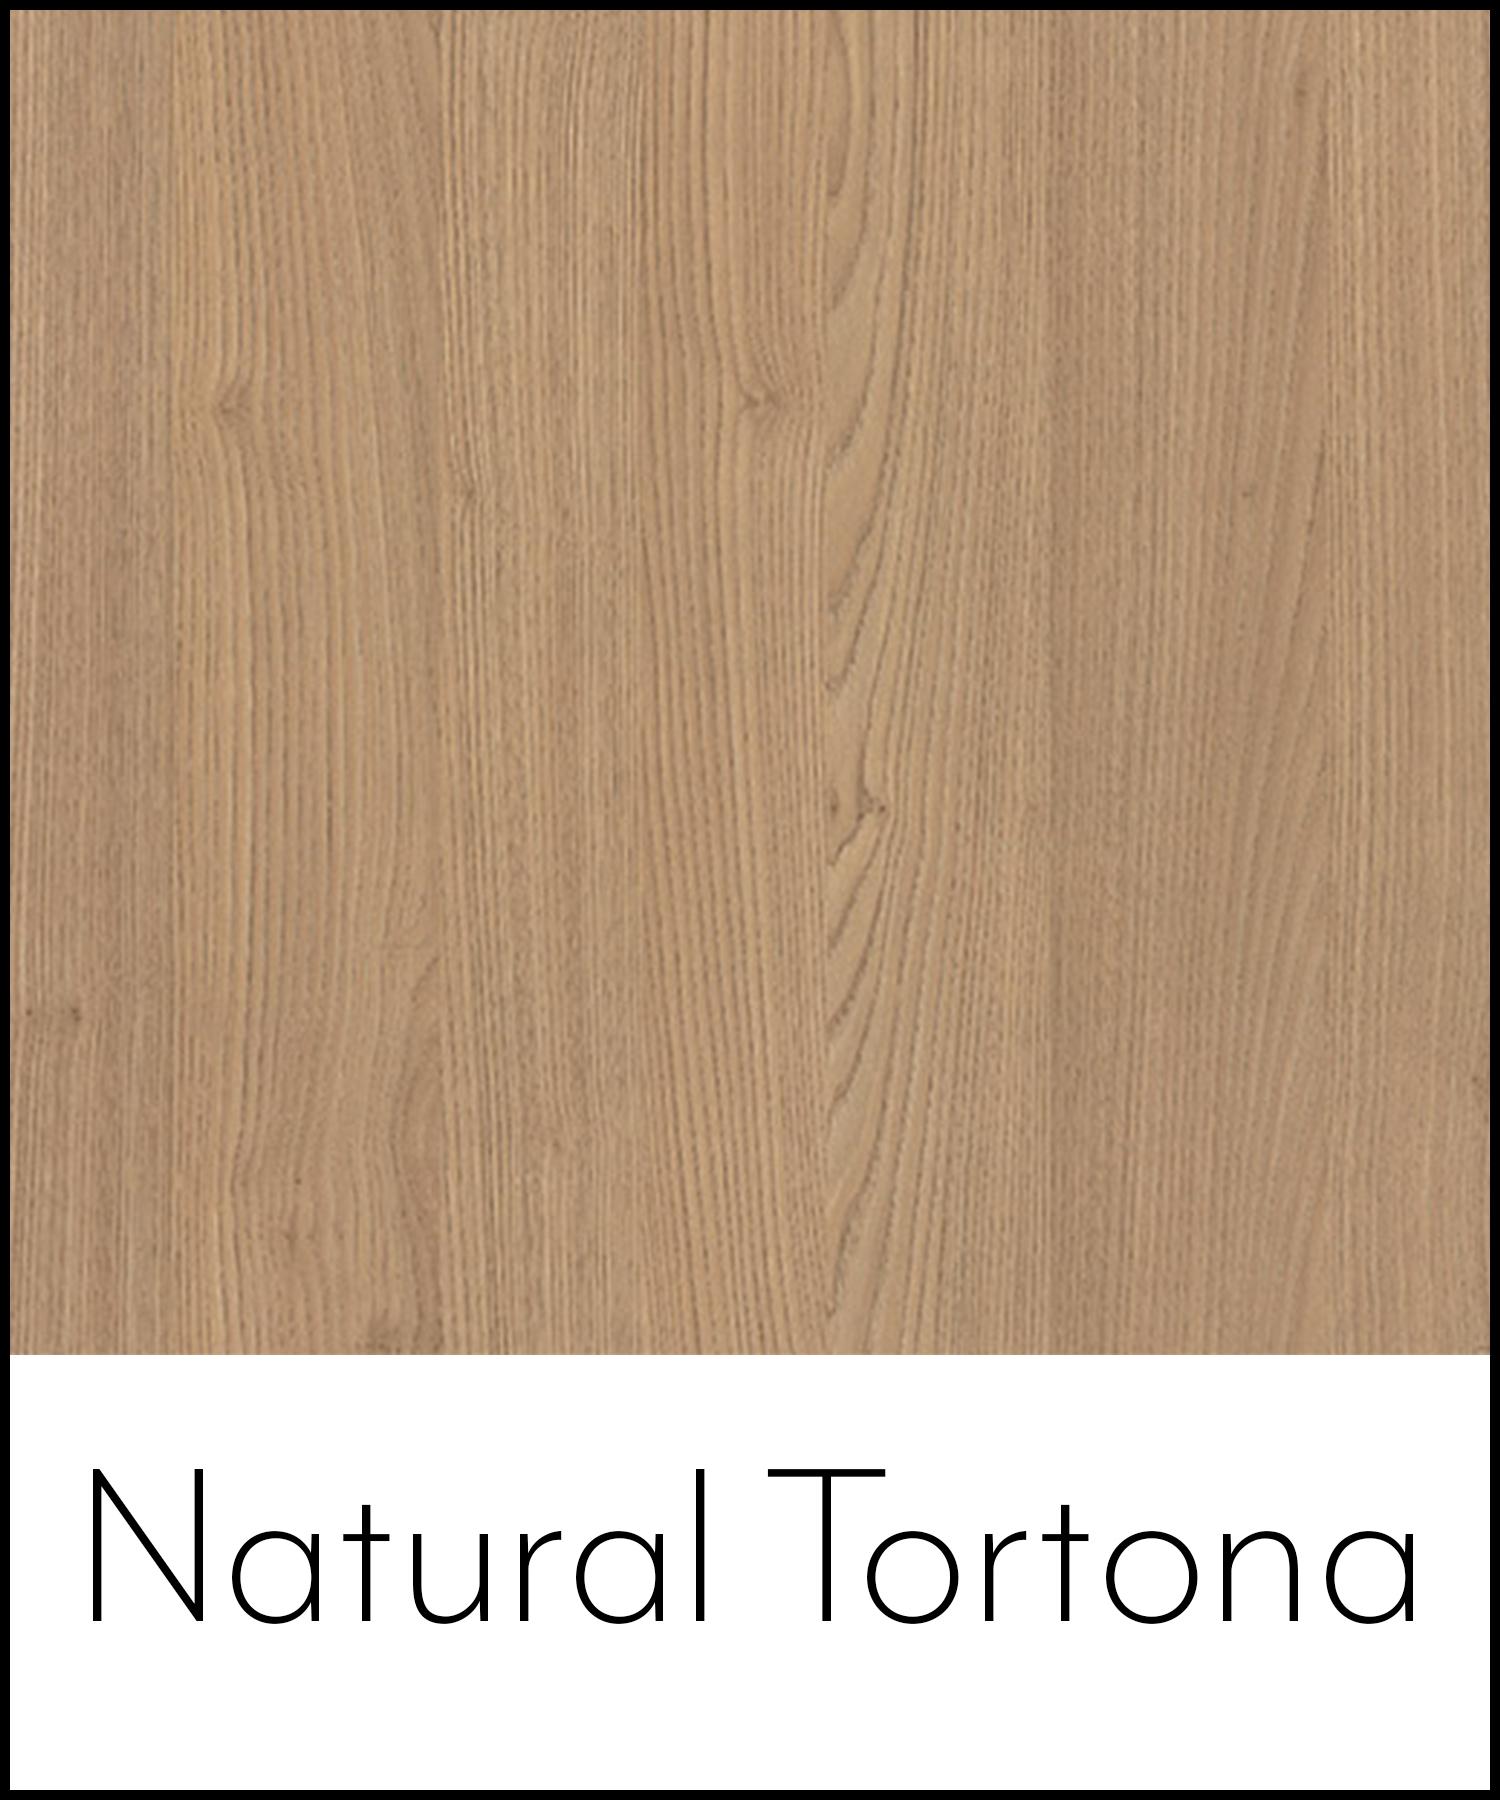 Natural Tortona.jpg